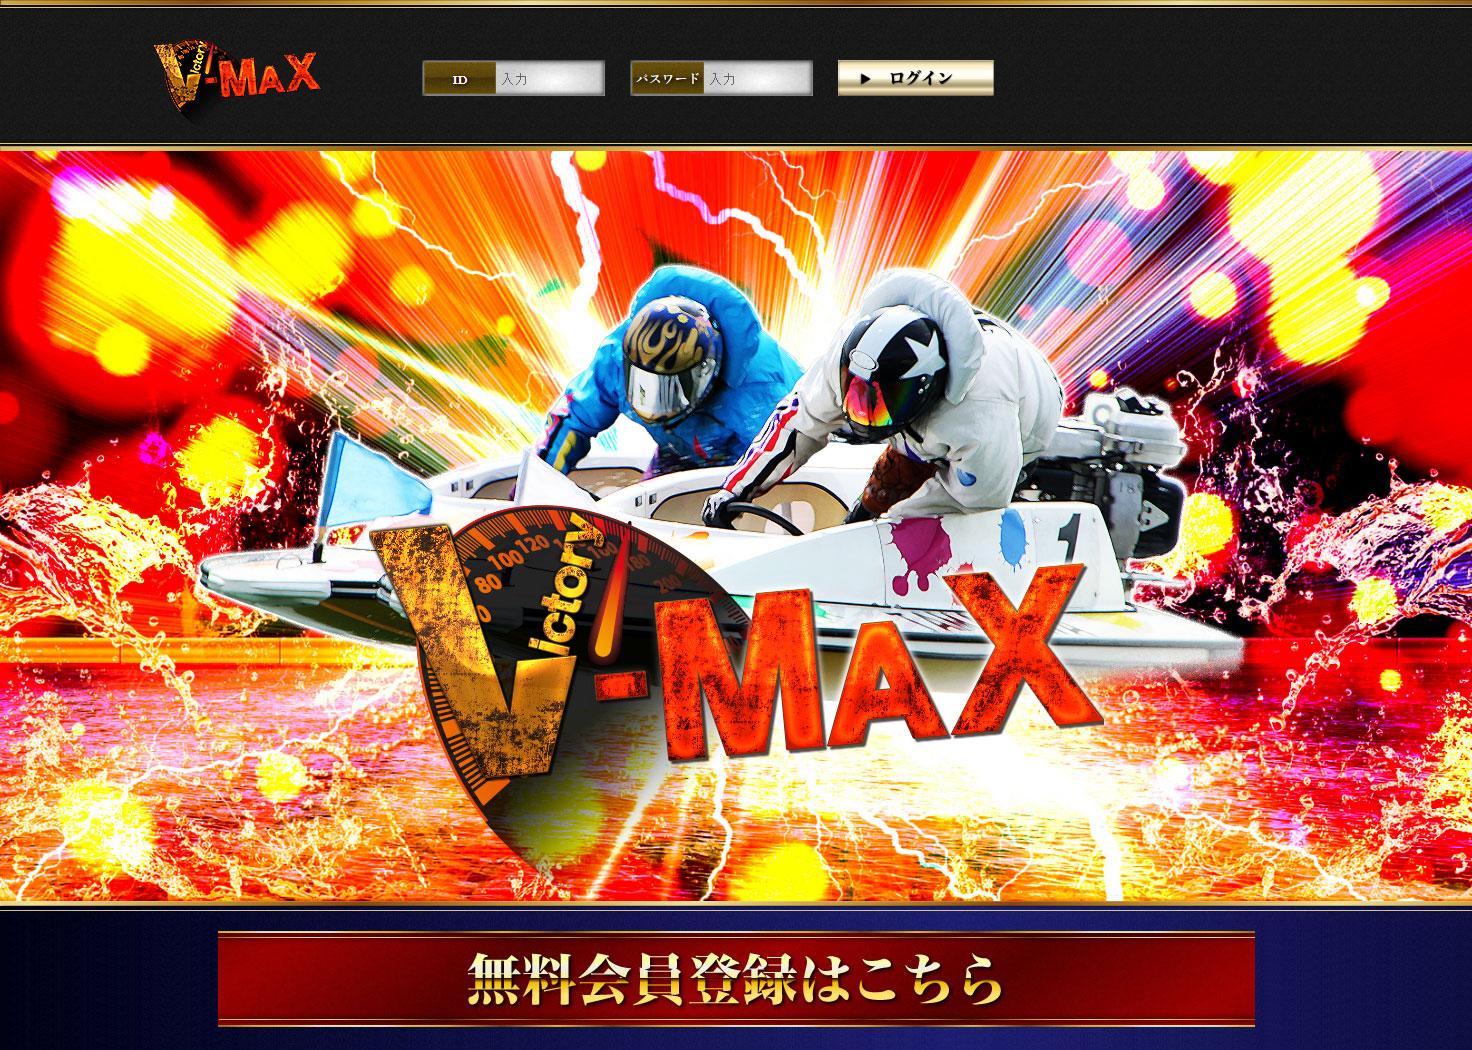 優良 V-MAX(ブイマックス)がリニューアル 競艇予想サイトの口コミ検証や無料情報の予想結果も公開中 リニューアルV-MAX非会員TOP